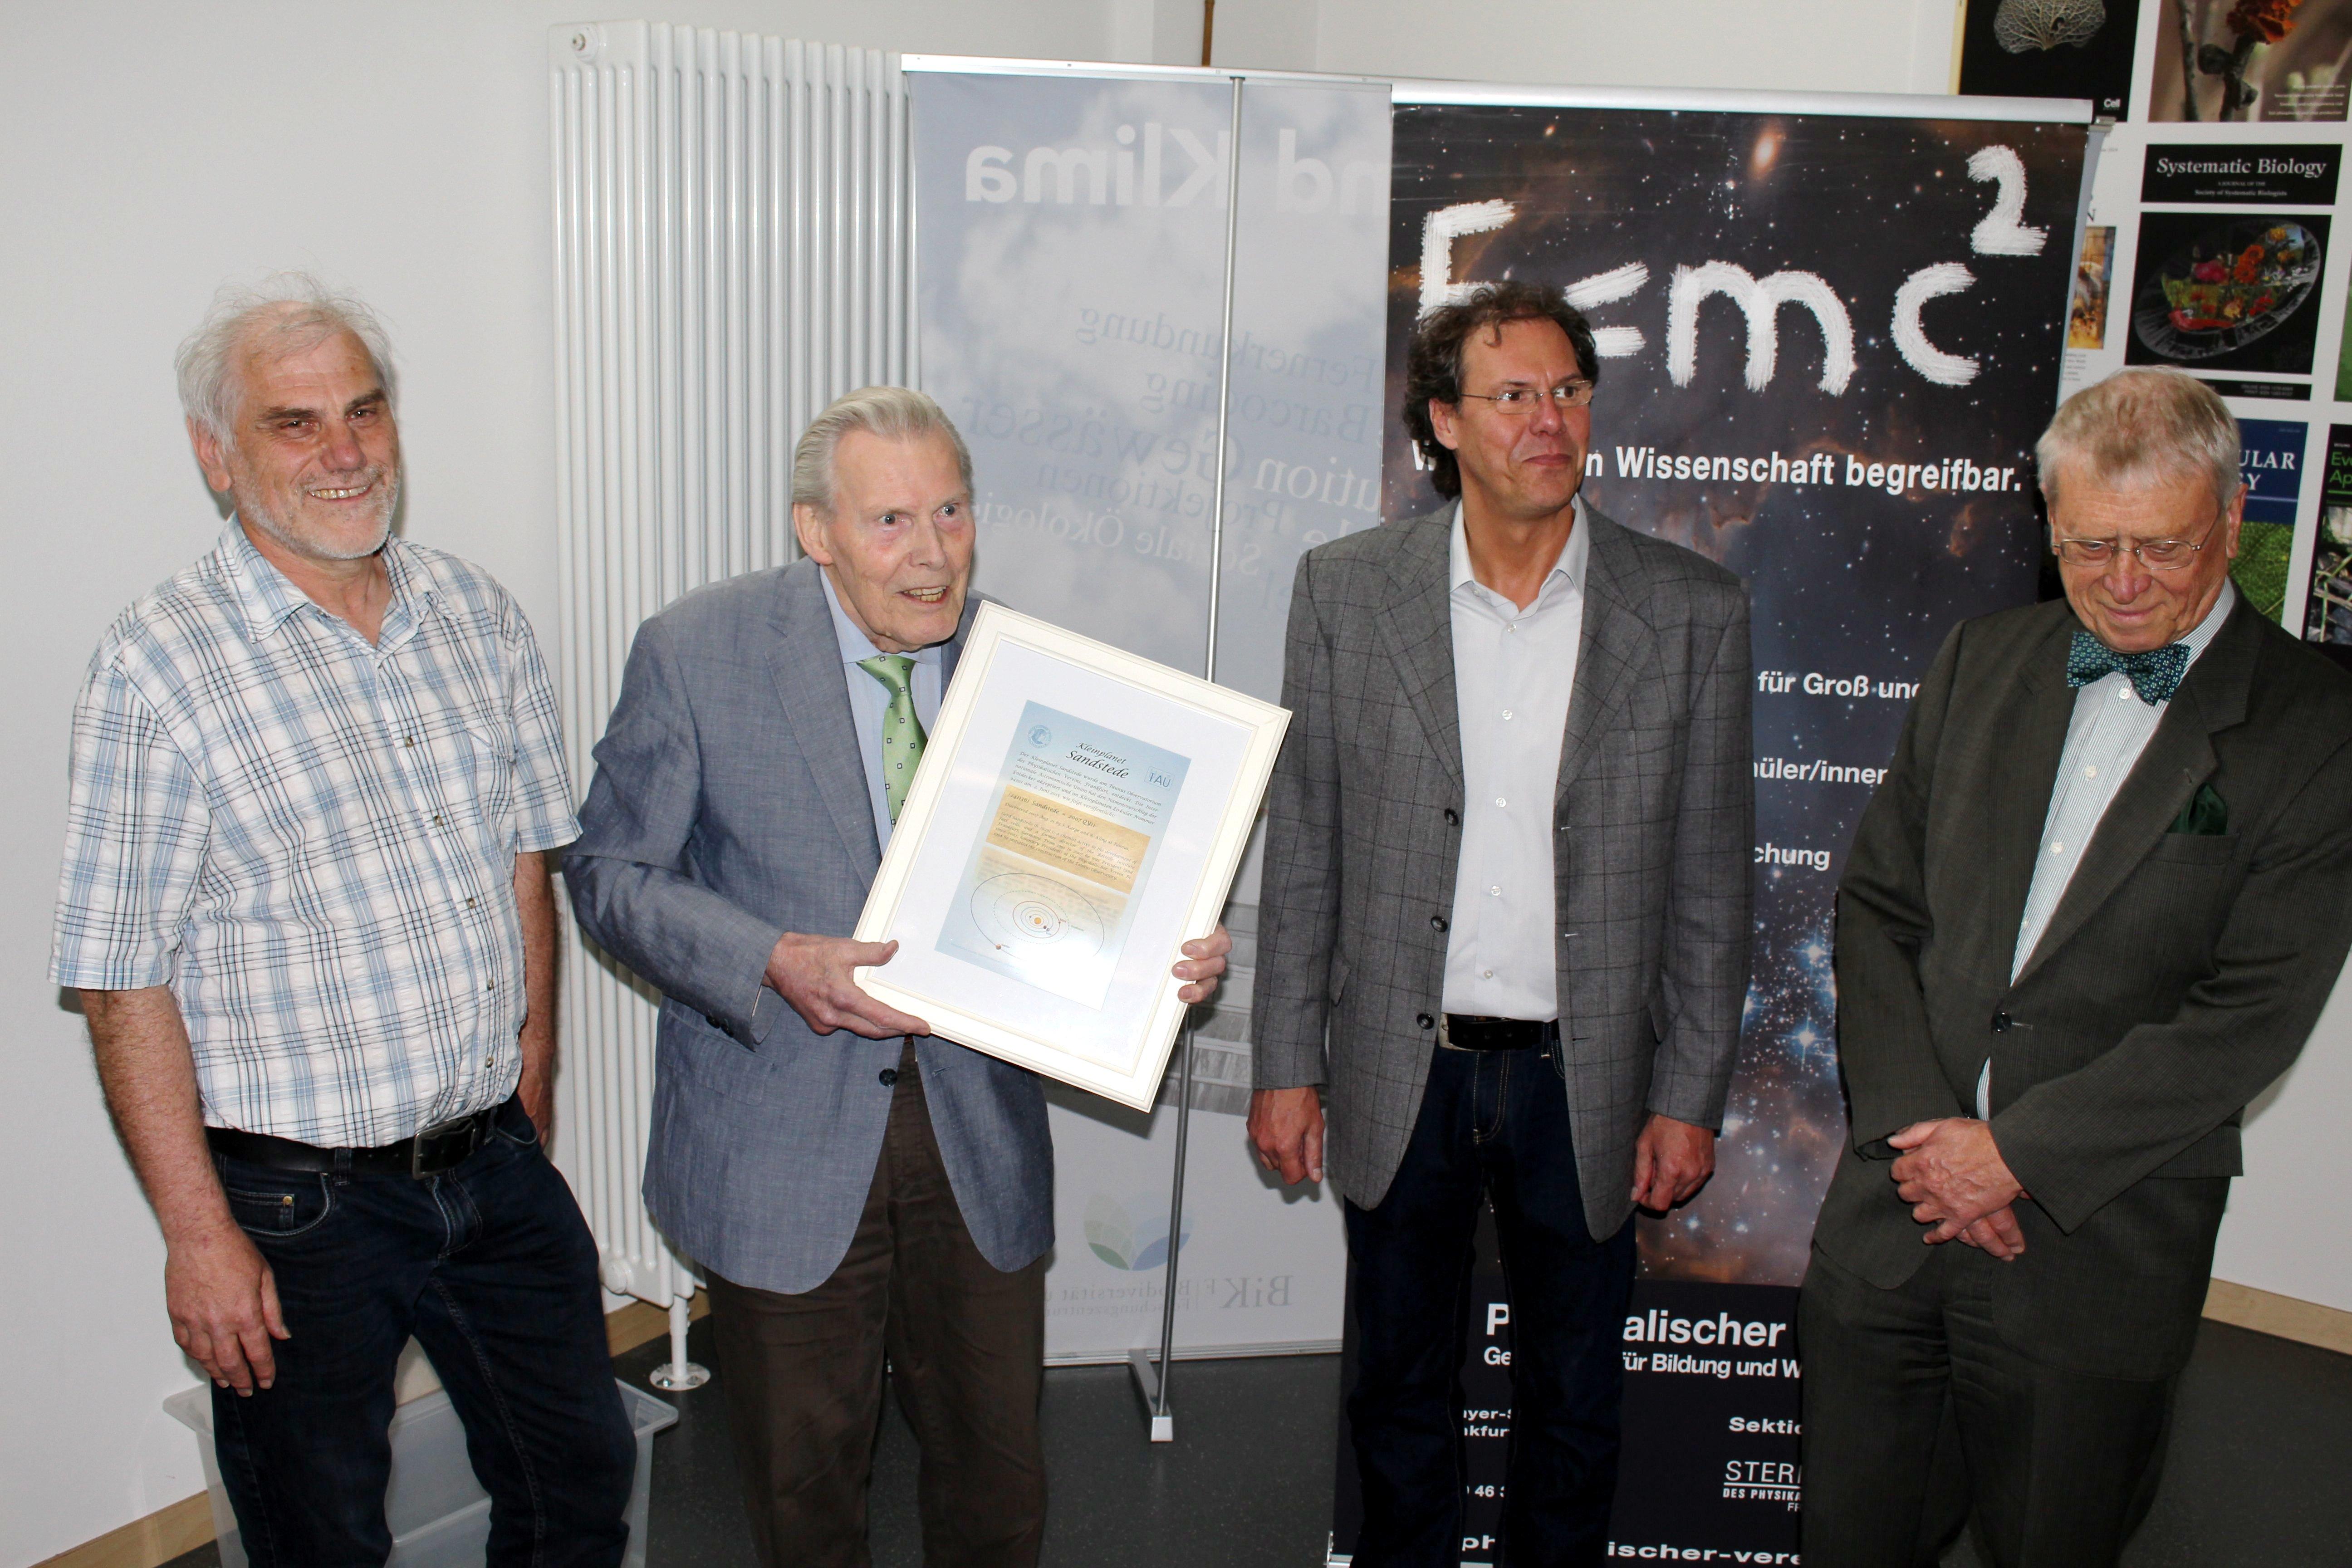 vlnr: Rainer Kling, Gerd Sandstede (der geehrte), Stefan Karge, Wolfgang Grünbein